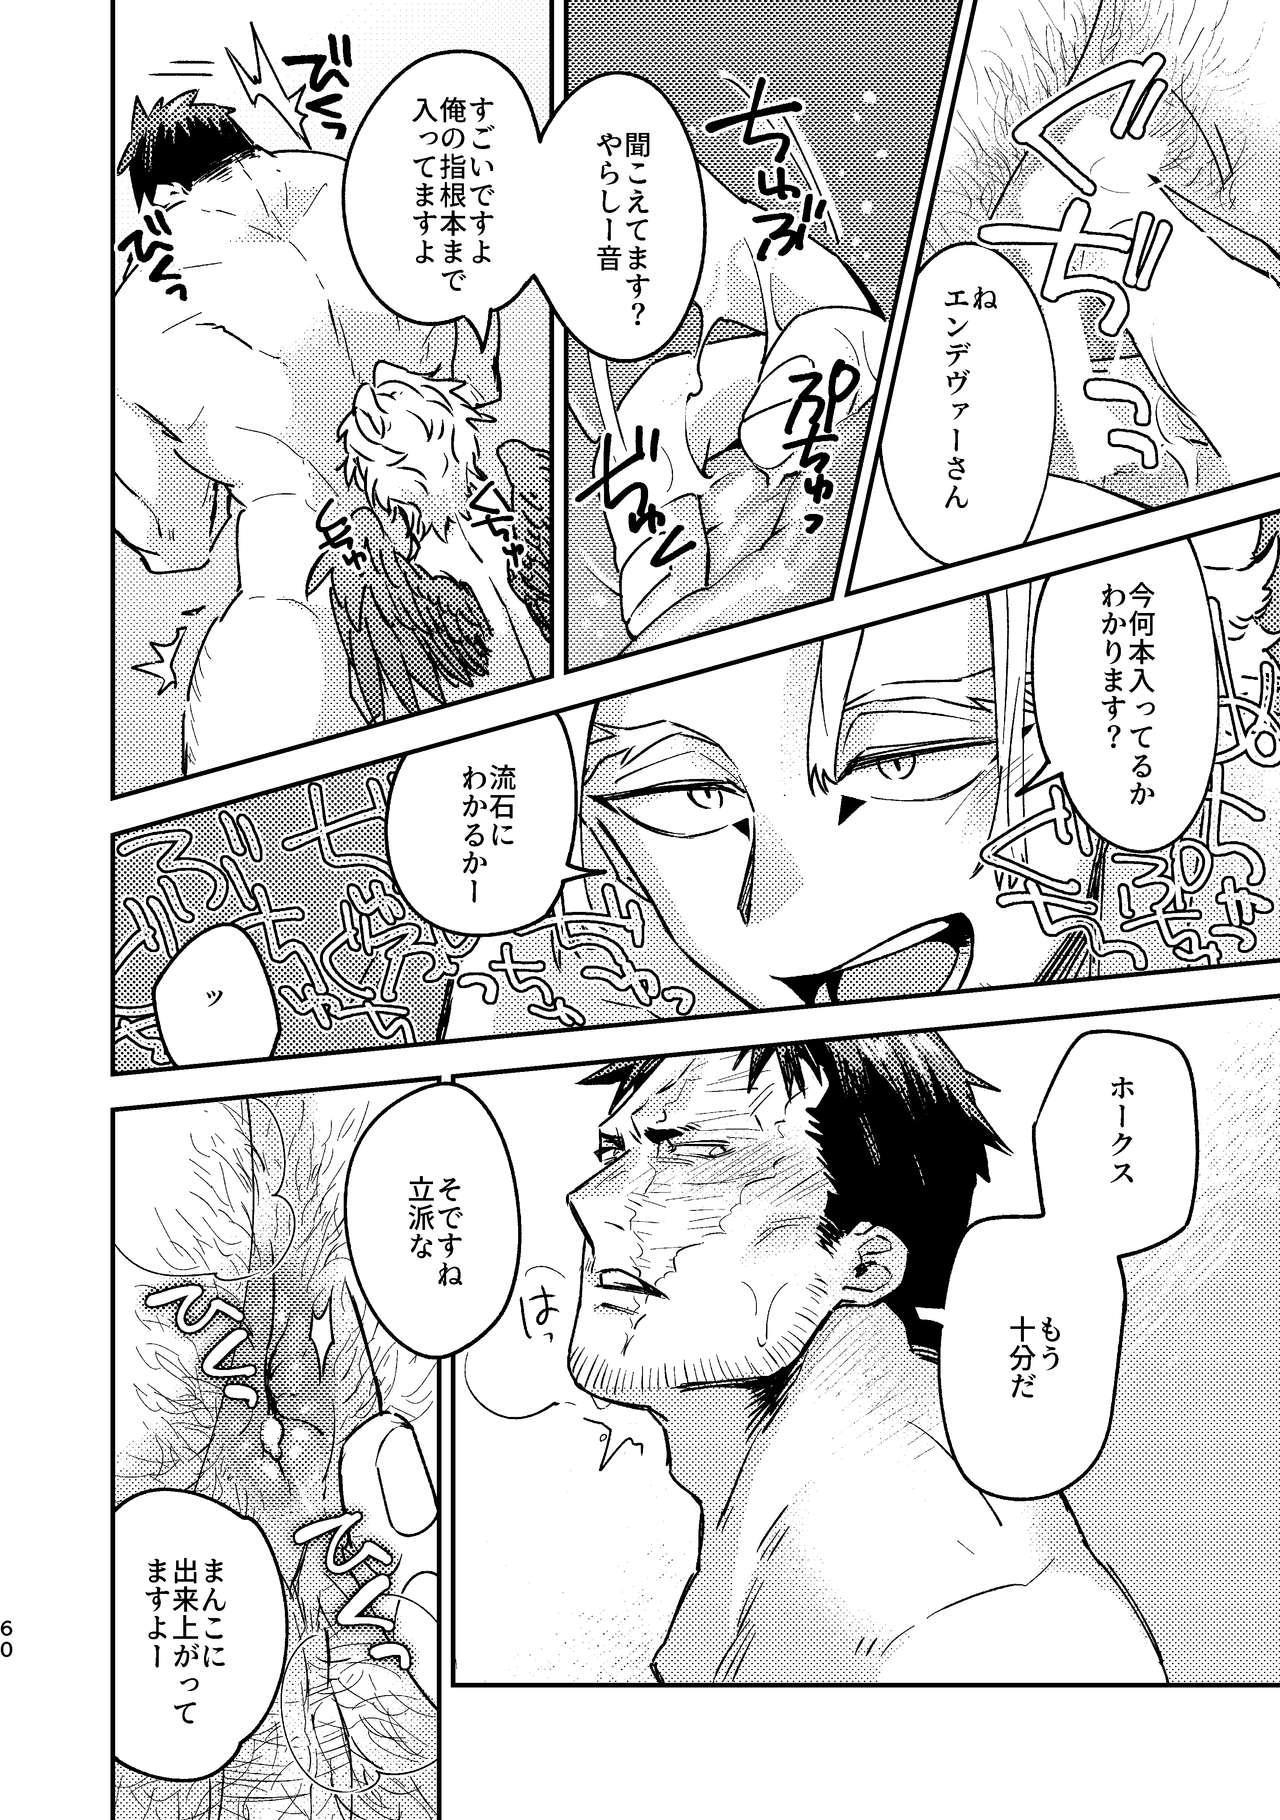 WEB Sairoku Zumi HawEn Manga ga Kami demo Yomeru Hon. 59